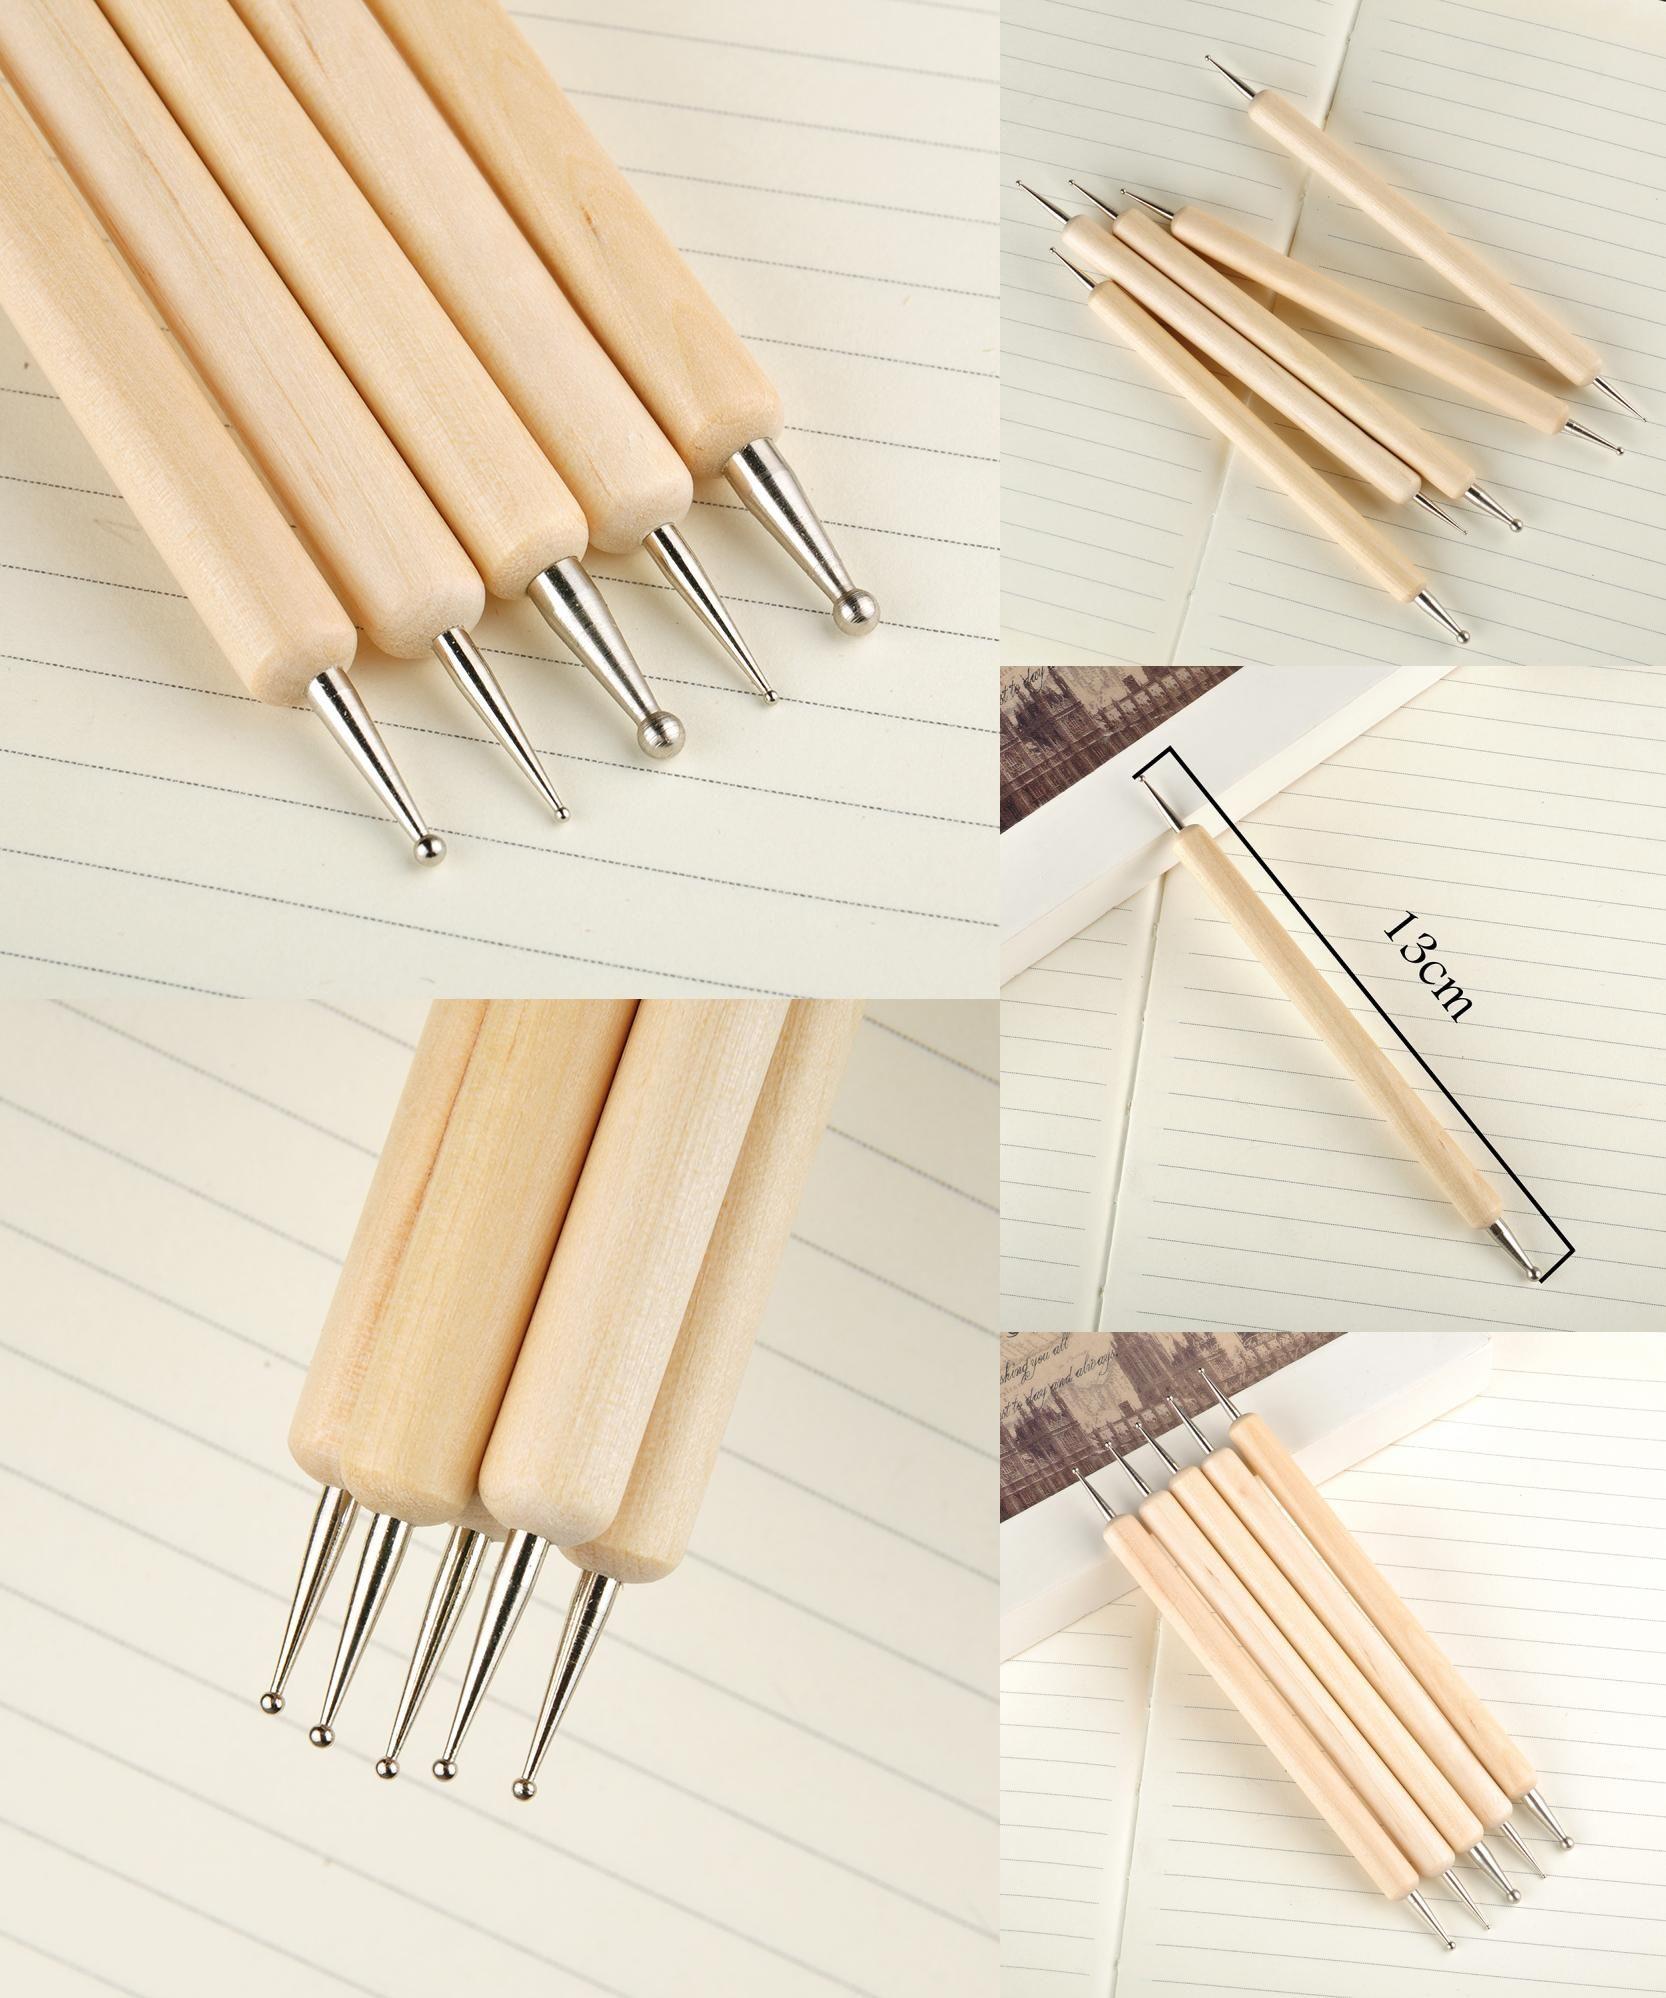 Visit To Buy 5pcsset Metal 2 Ways Dotting Tool Nail Art Wooden